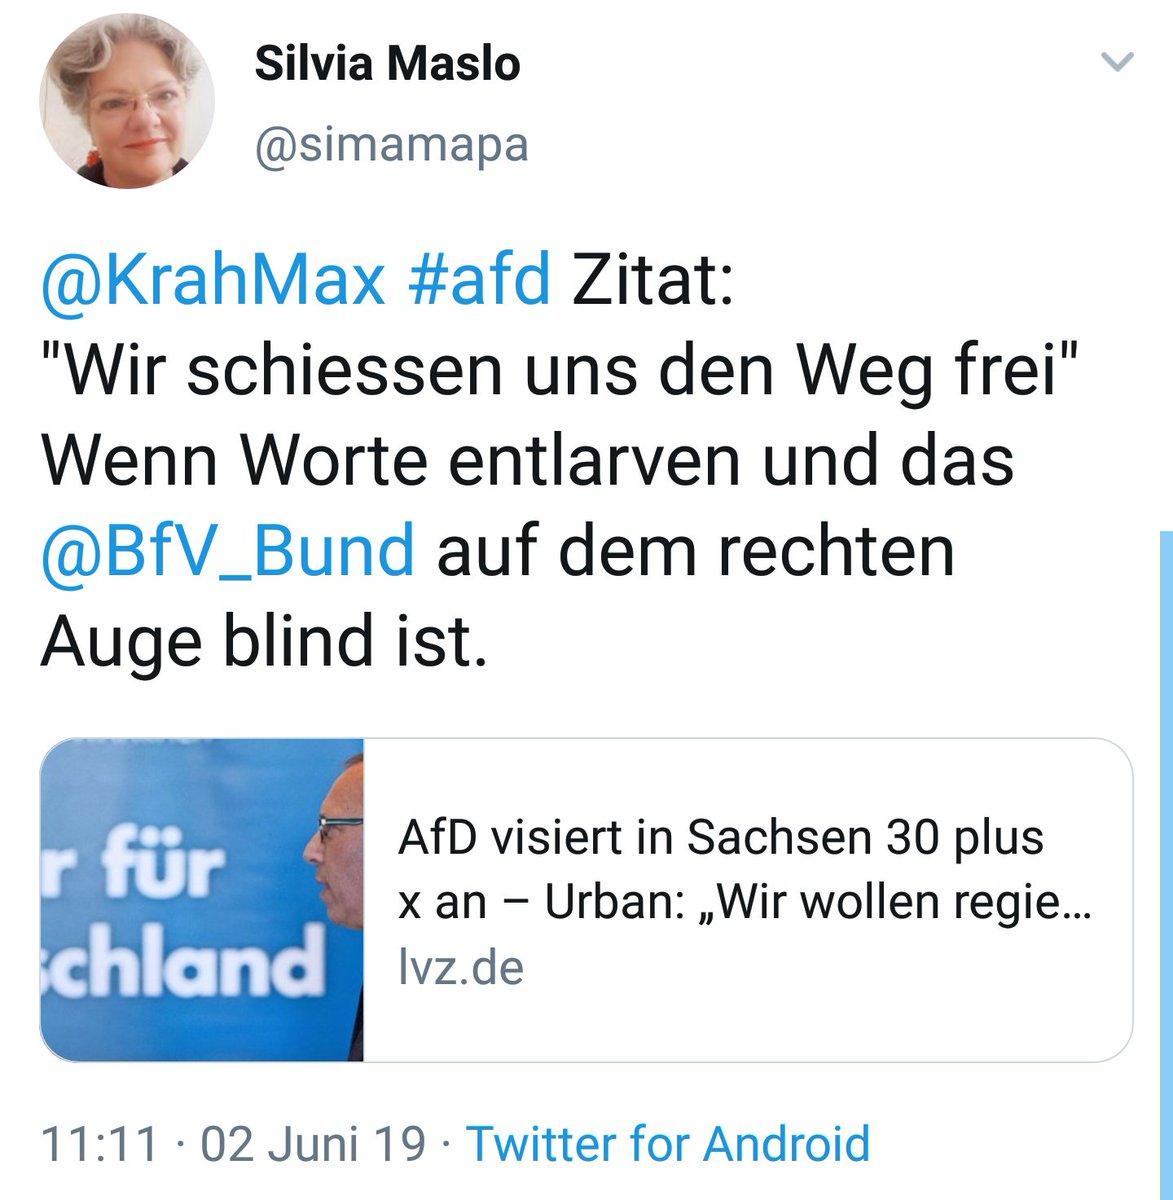 Dennis Müller S Tweet Die Afd Schießt Den Weg Frei